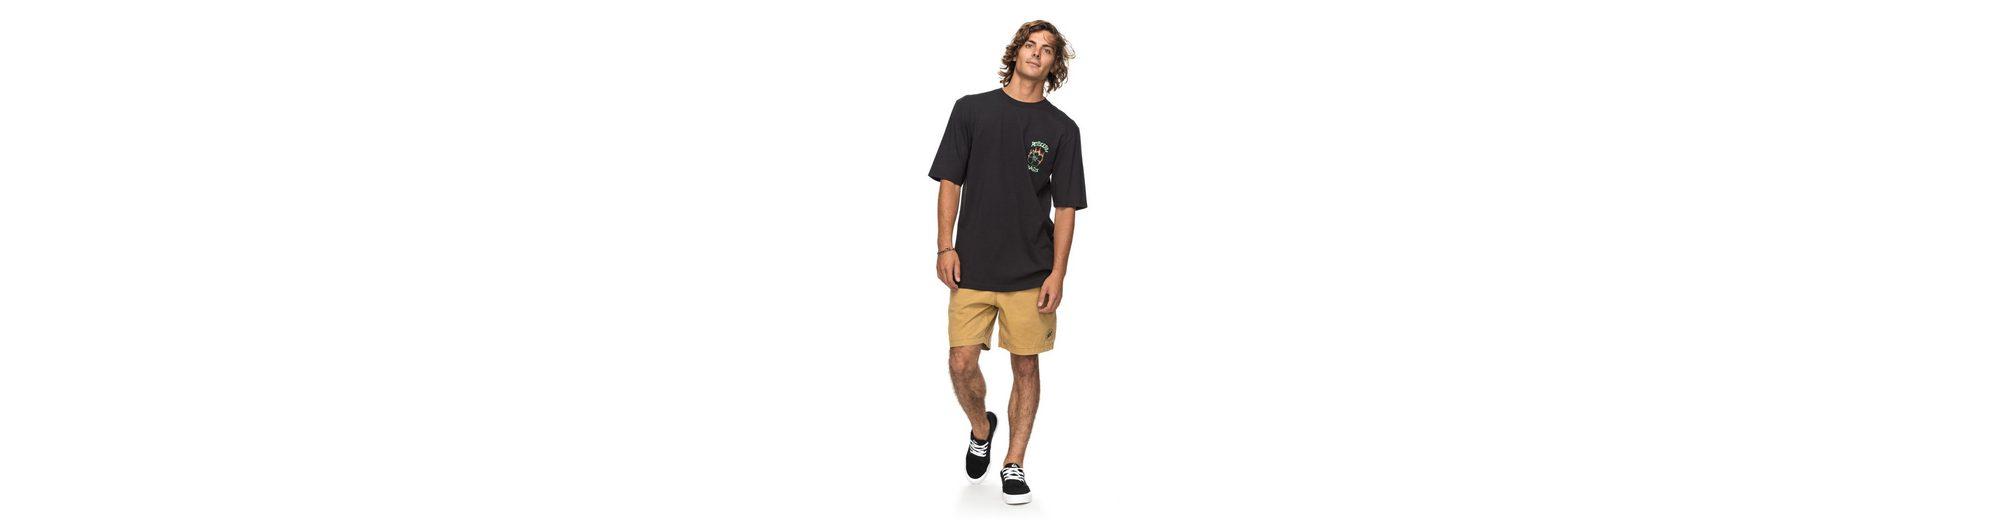 Billig Verkauf Erstaunlicher Preis Angebote Günstig Online Quiksilver T-Shirt PC Volcano Rabatt Billigsten 1Hy2vtW